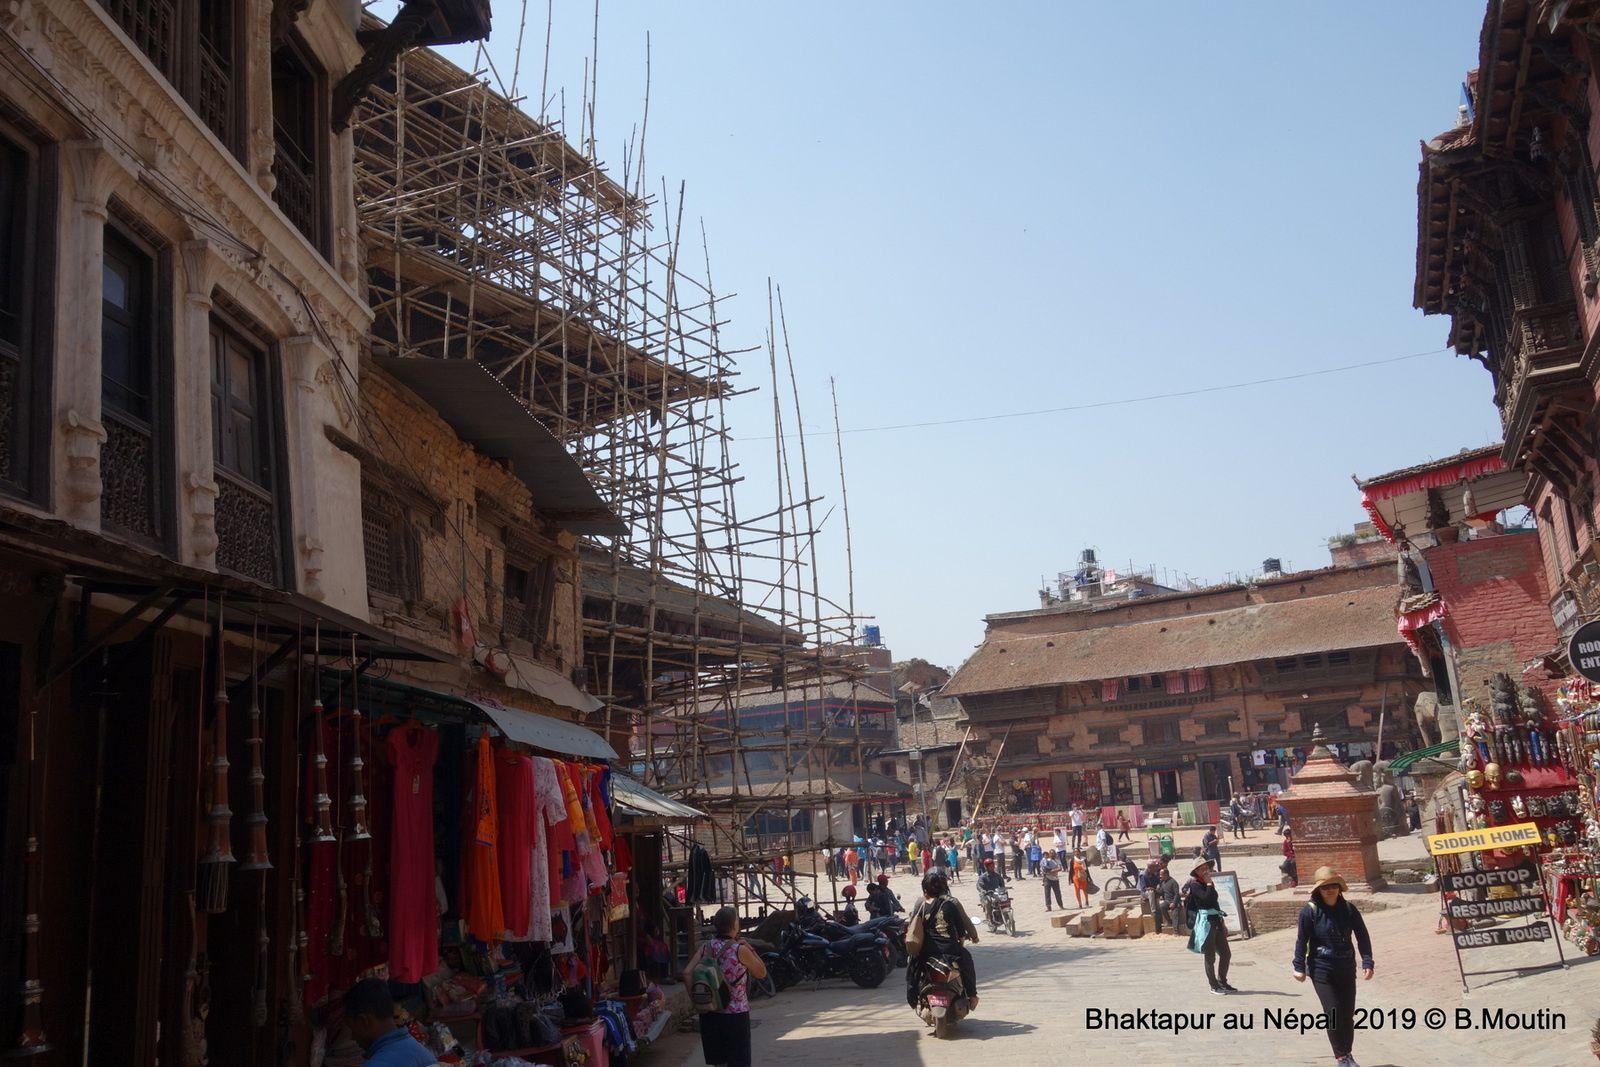 Bhaktapur au Népal (12 photos)